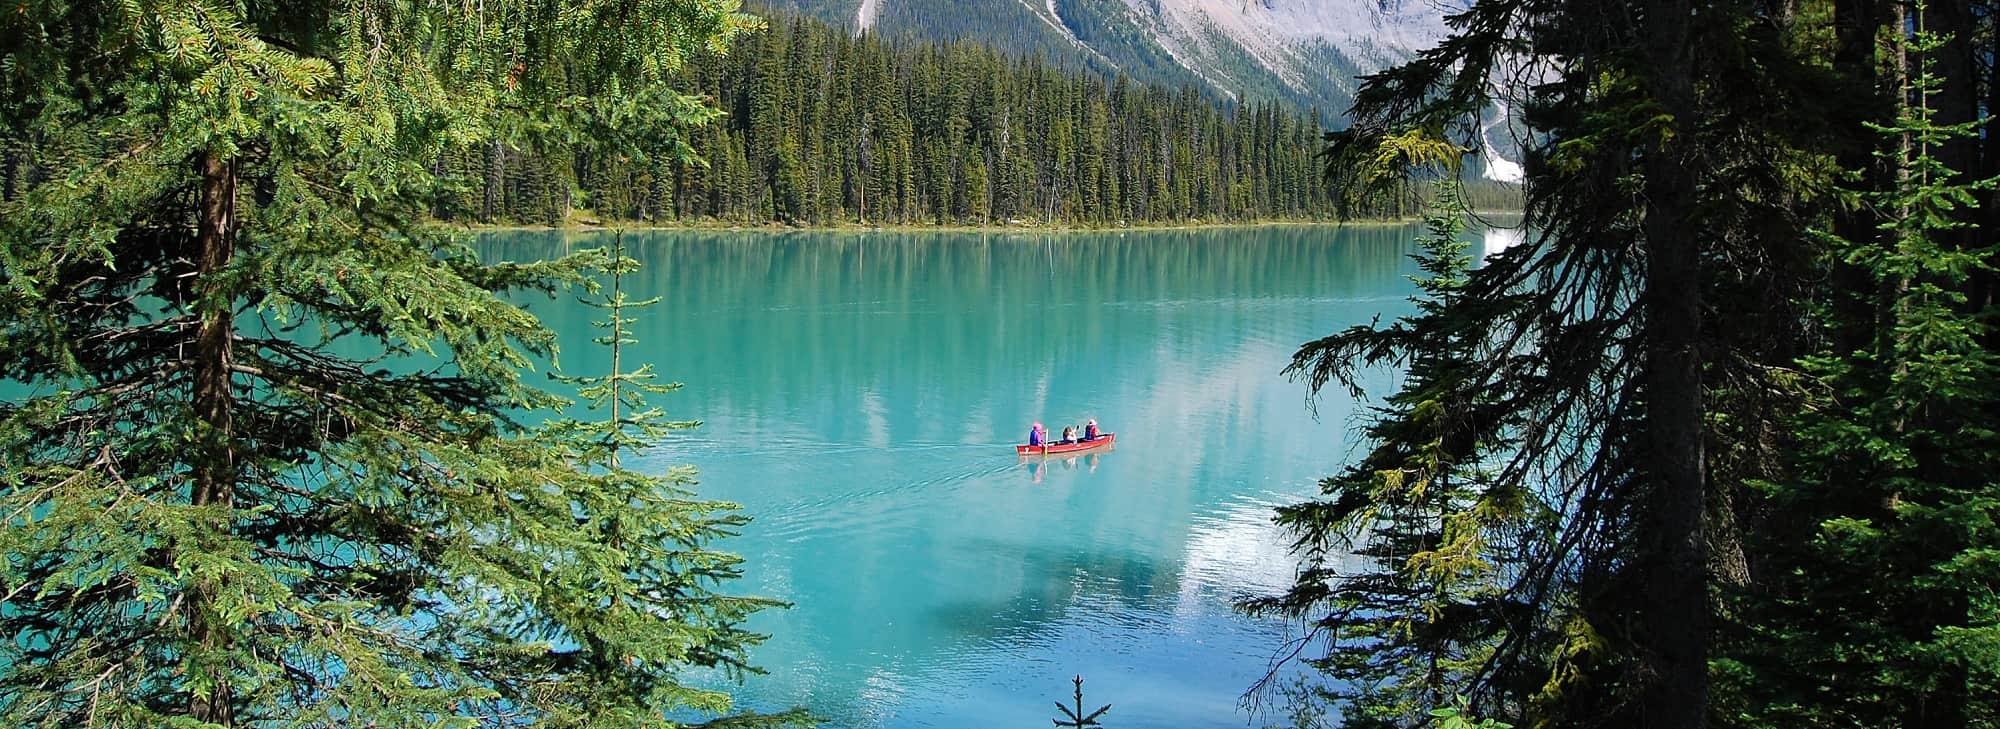 Canadá, Glaciares dos Parques Canadianos